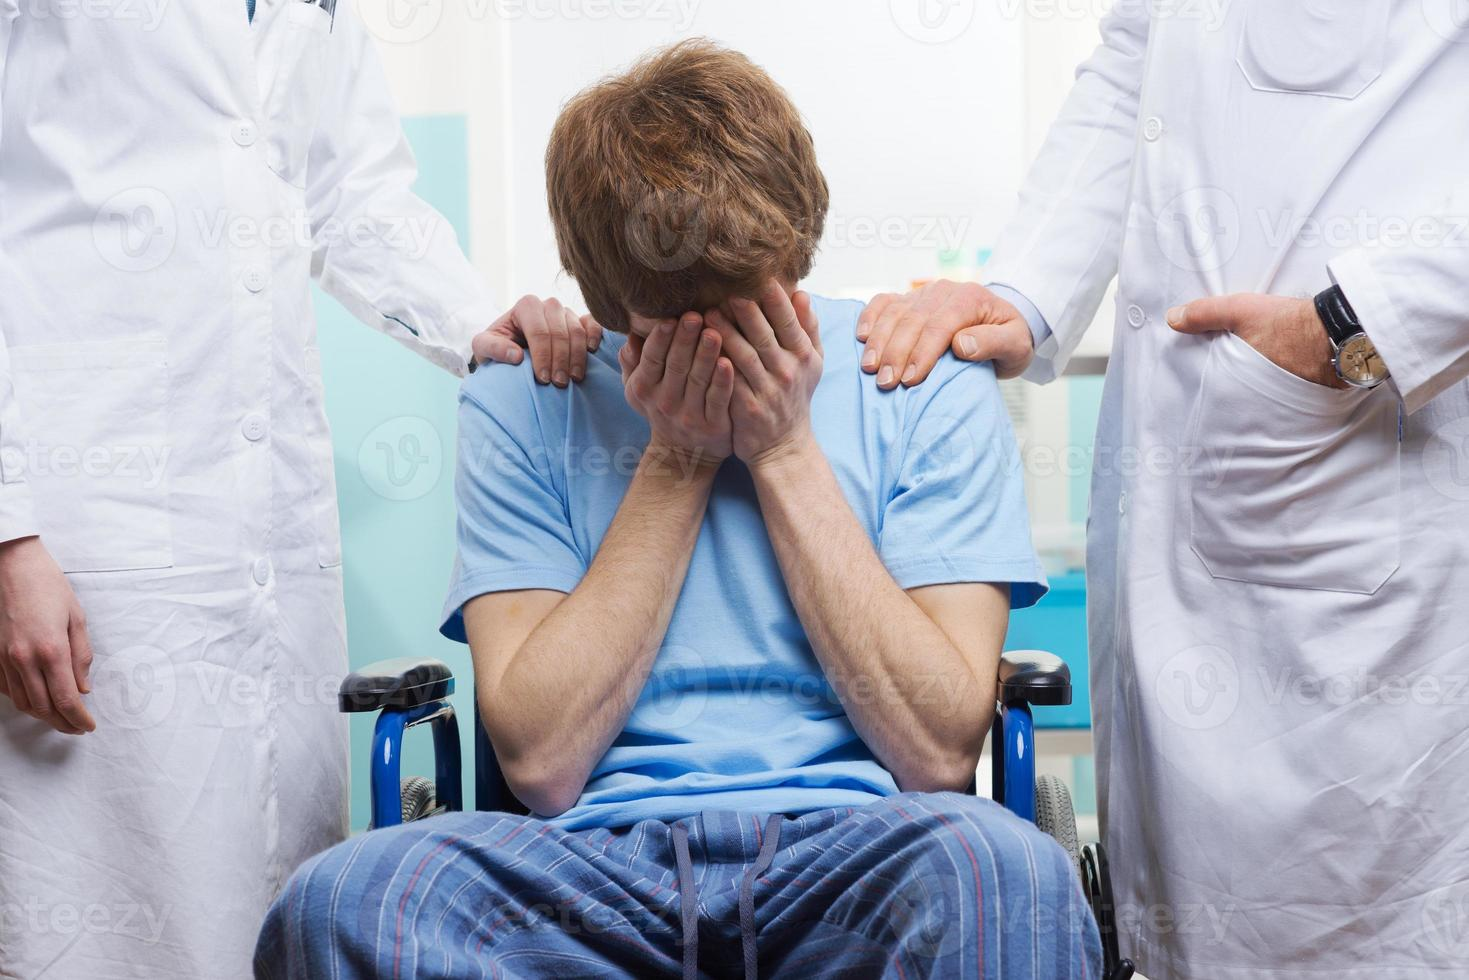 het verzorgen van een patiënt foto